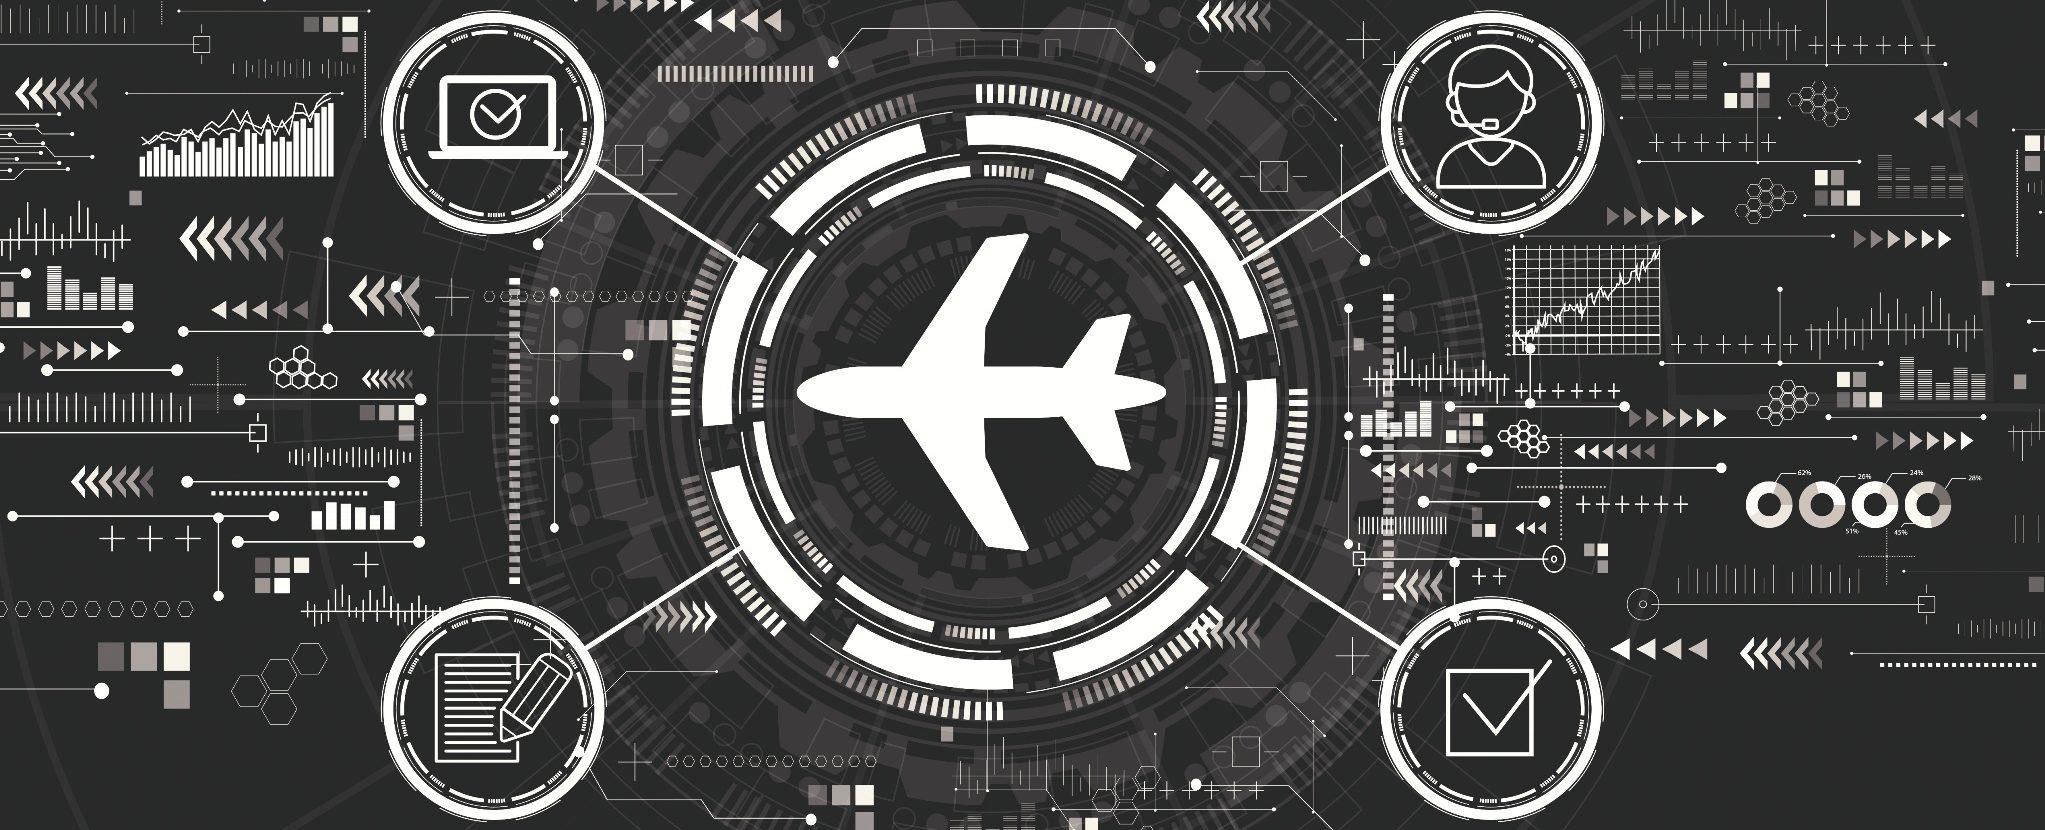 Продажа частных самолетов и комплектующих